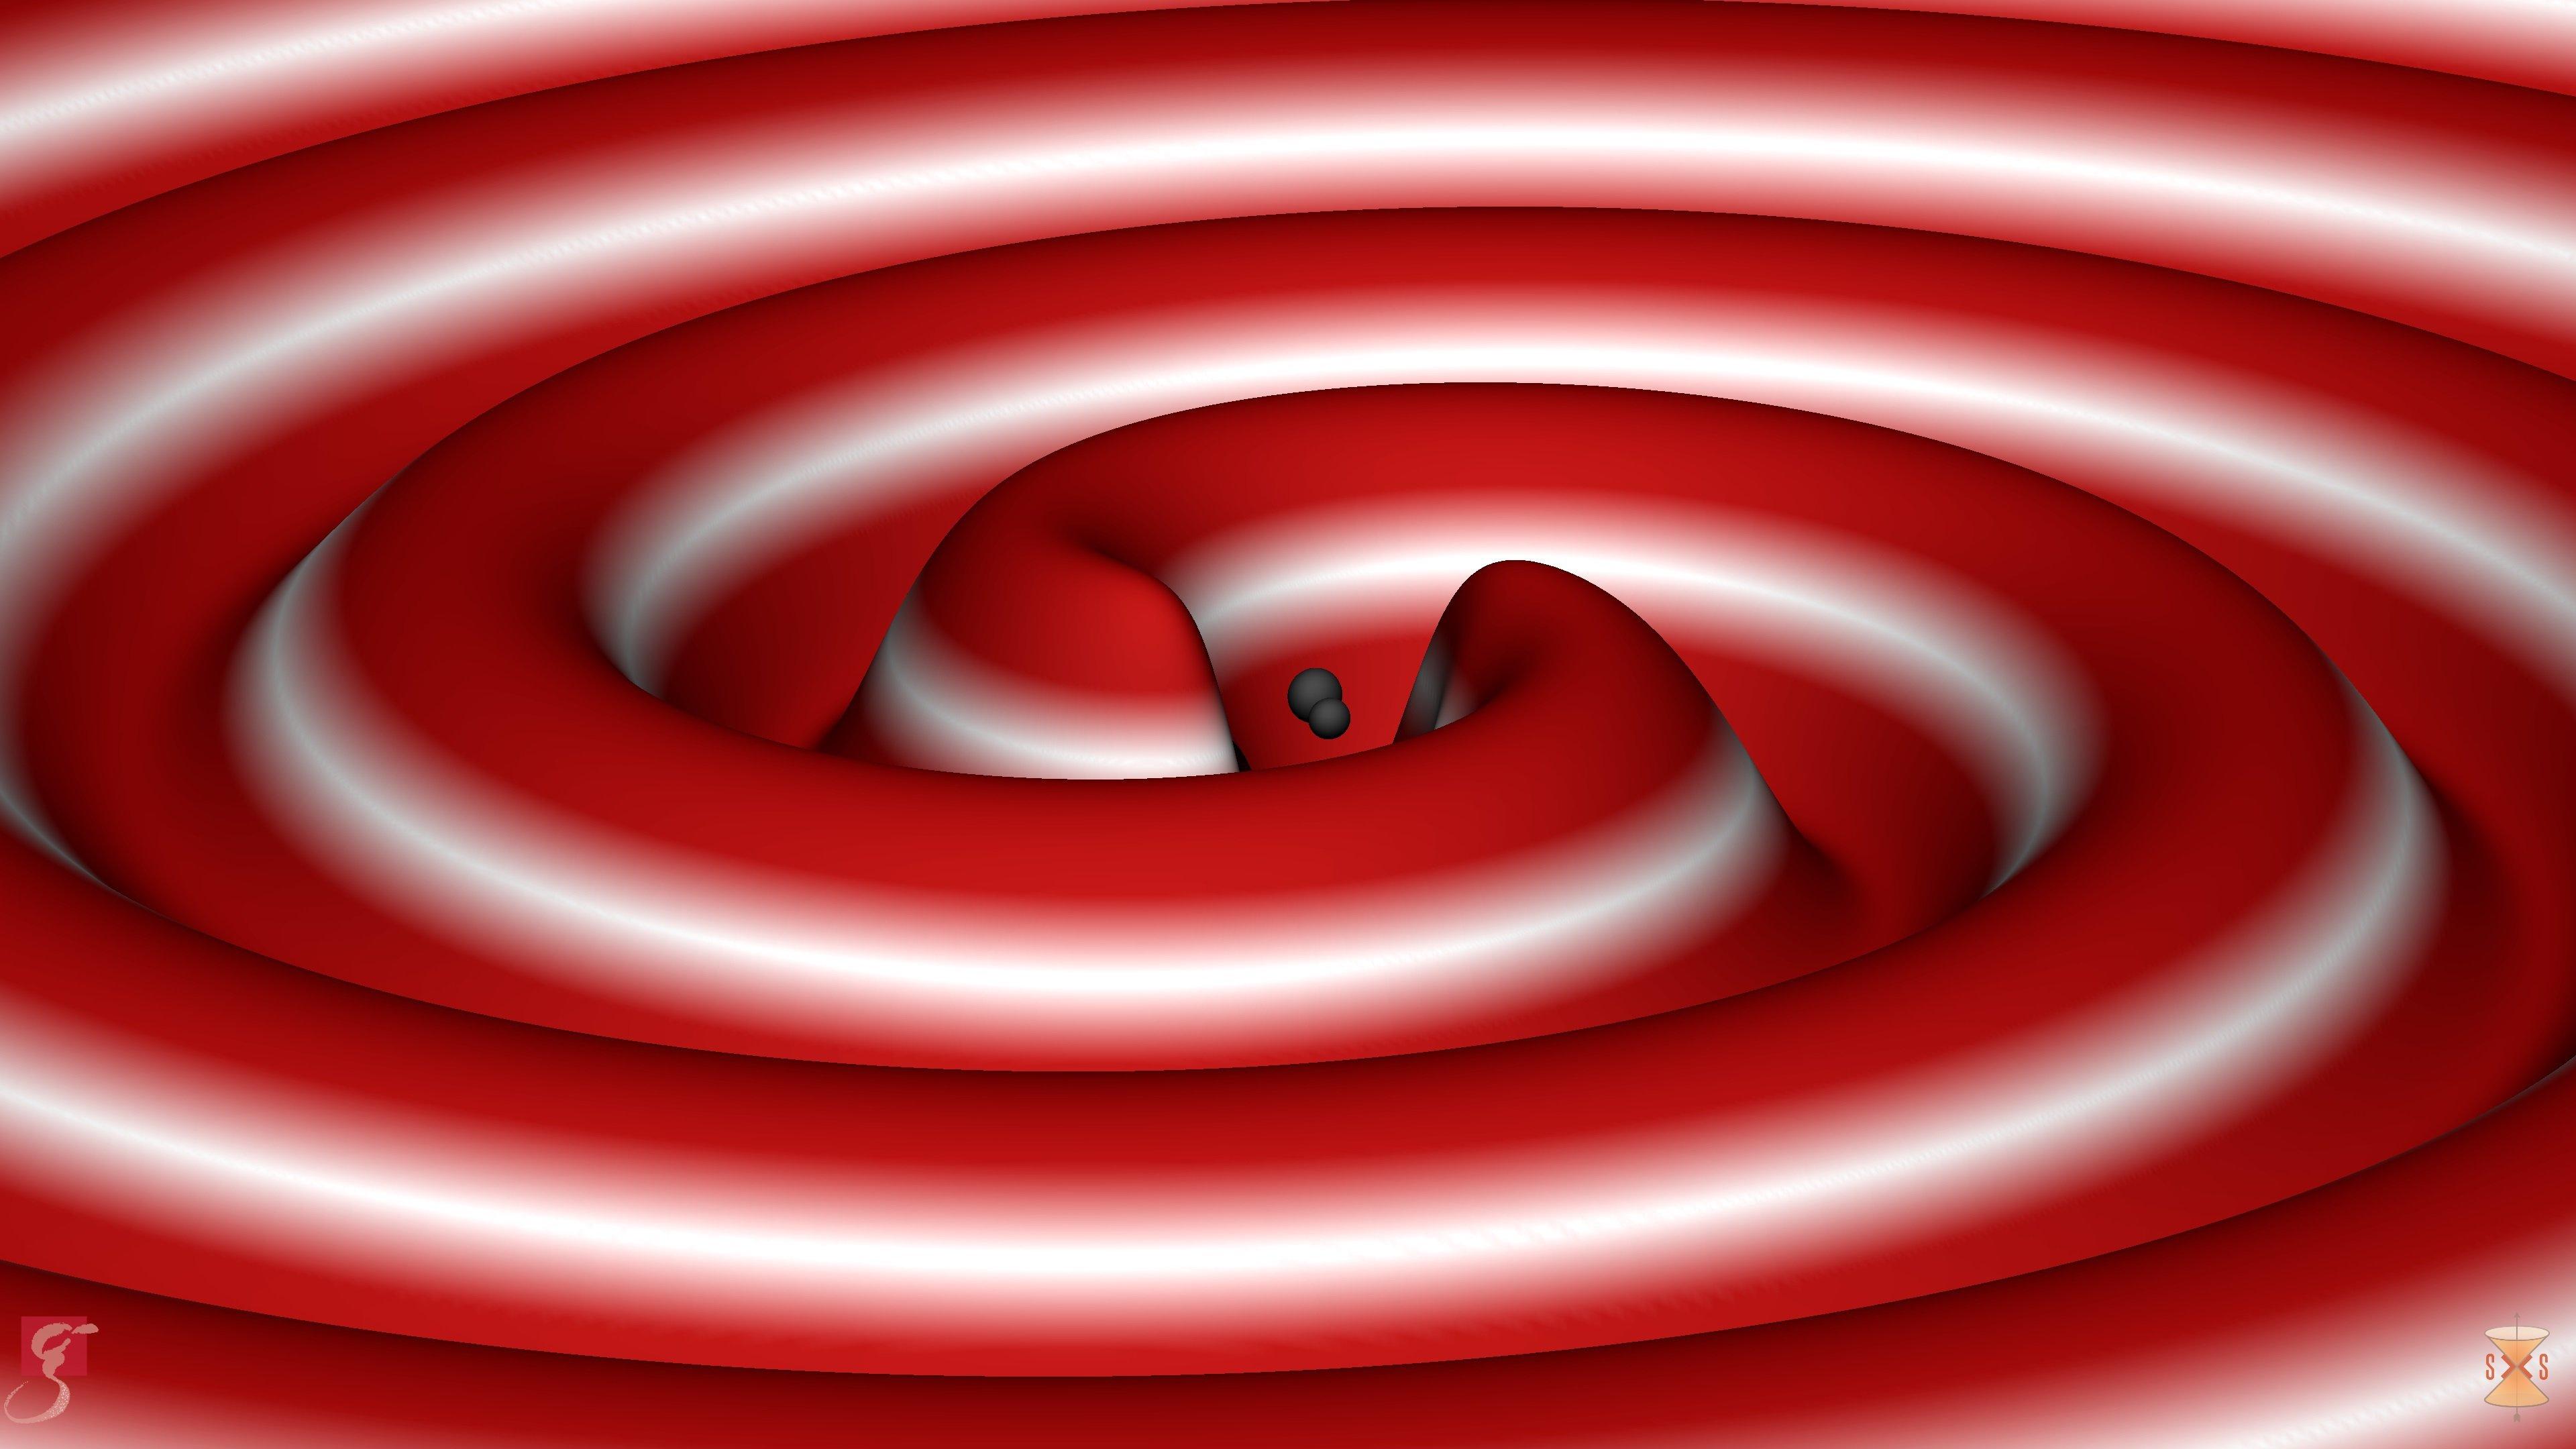 Die Simulation visualisiert dreidimensional, wie zwei Schwarze Löcher verschmelzen – unter Abstrahlung von Gravitationswellen.